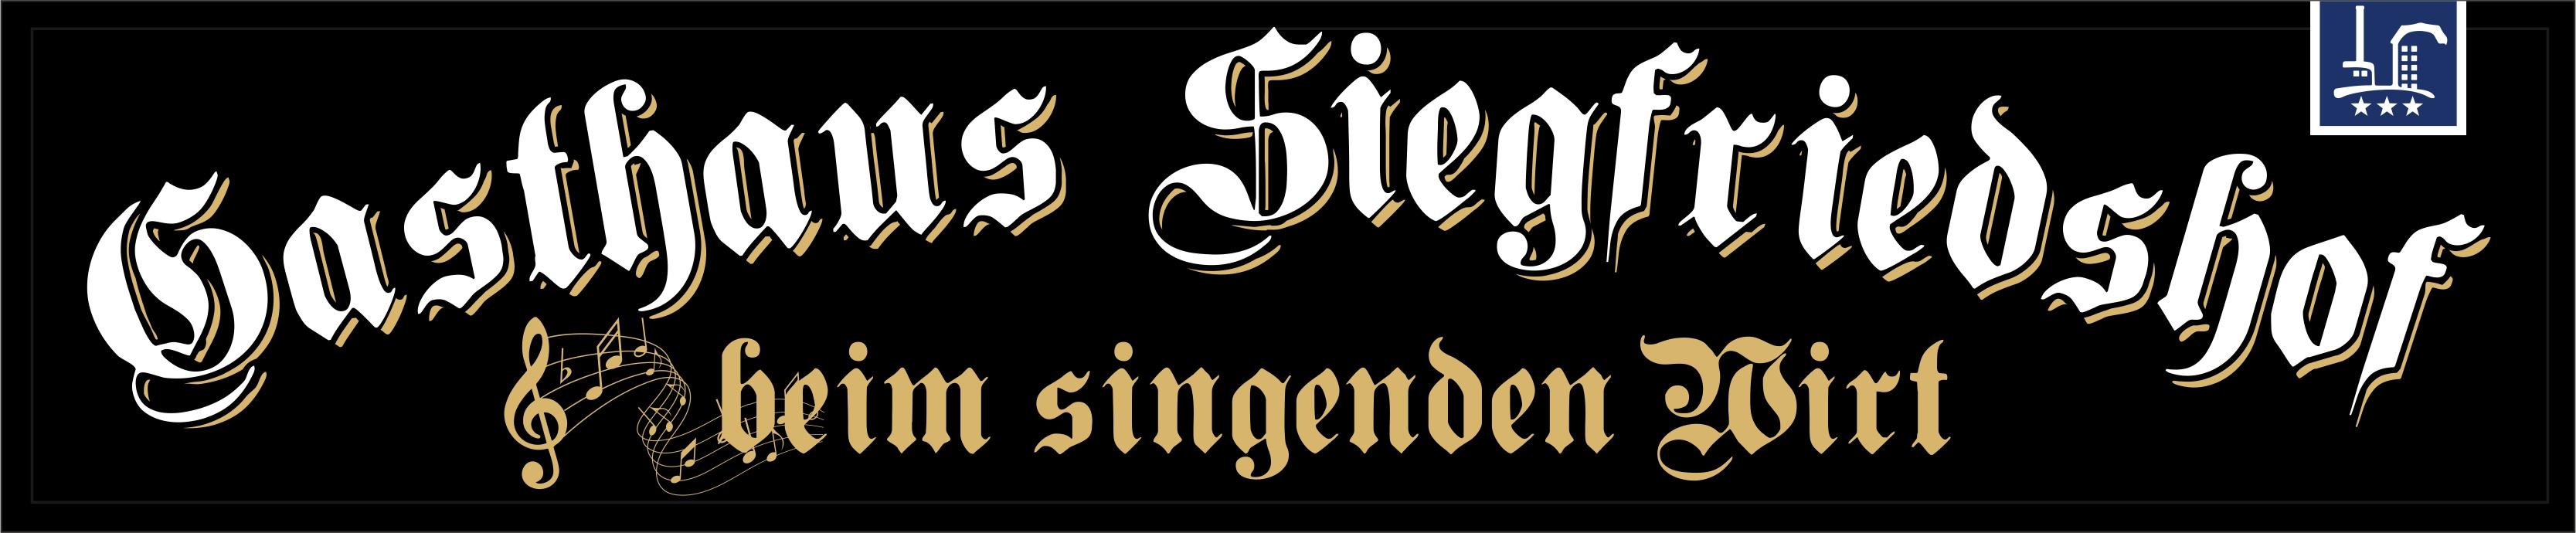 http://www.gasthaus-siegfriedshof.de/.cm4all/mediadb/Logo%20Schild%20Siegfriedshof.jpg